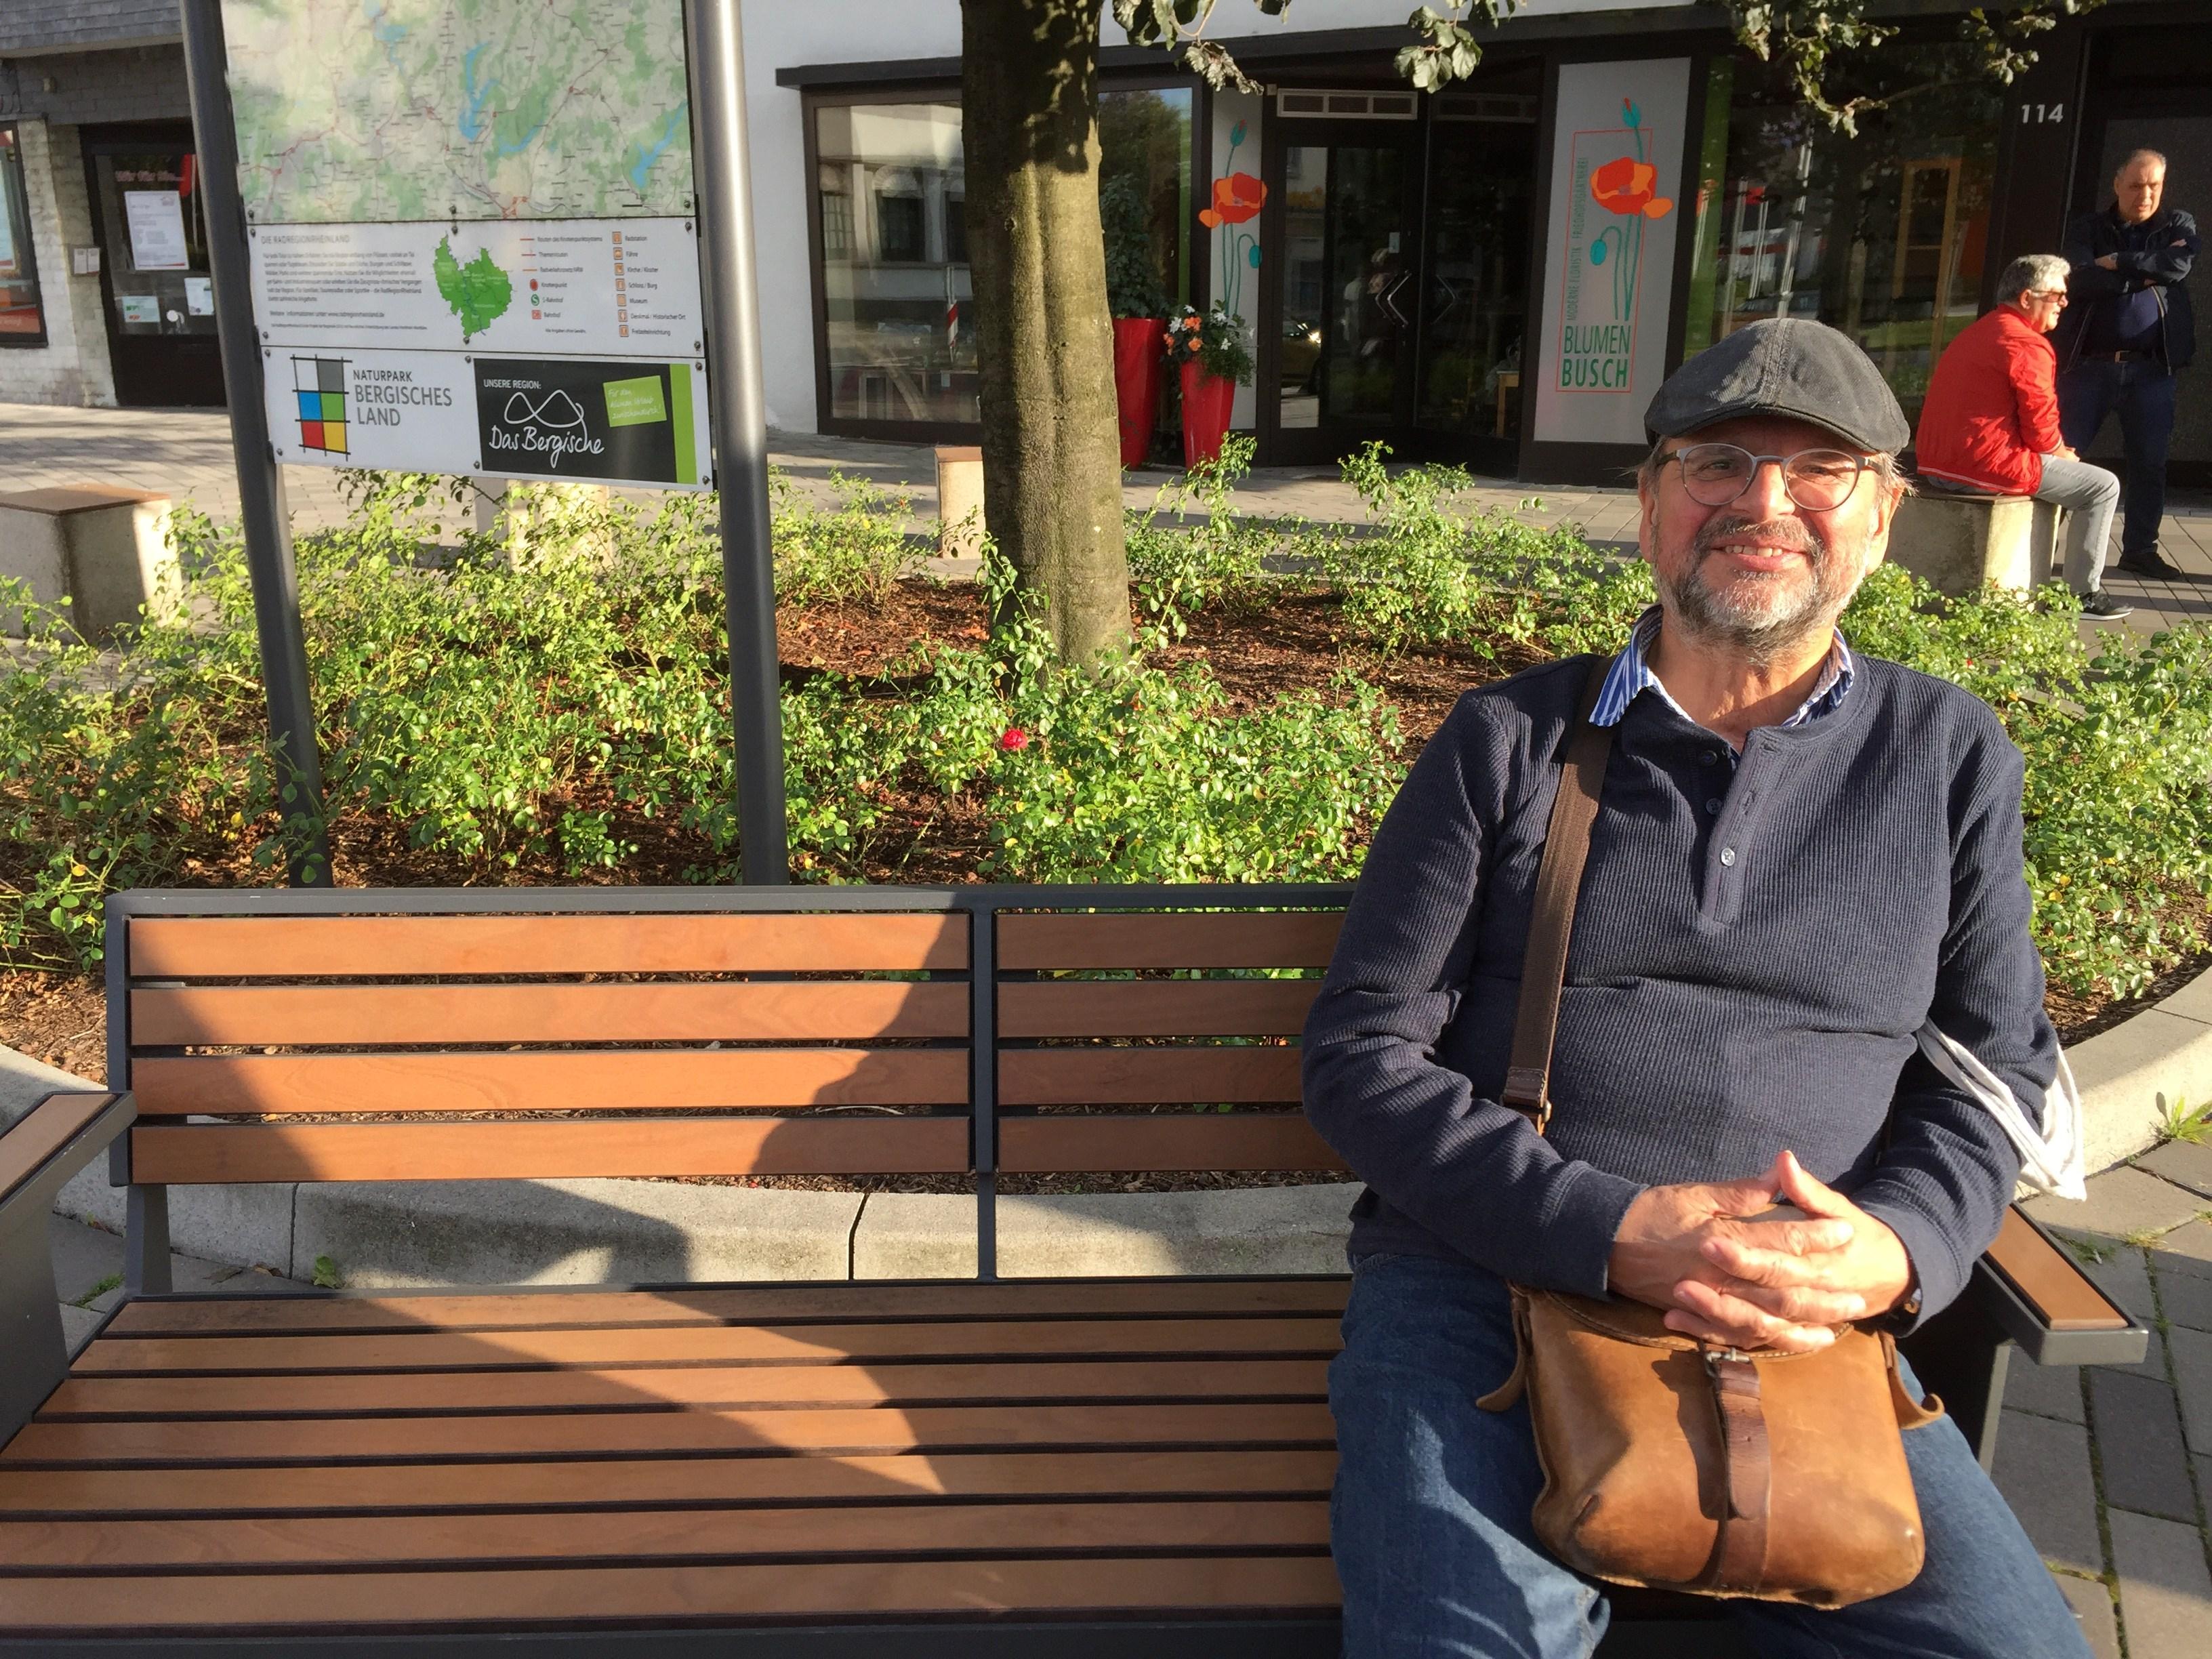 Grüner Besuch in der ersten Age-friendly City Deutschlands